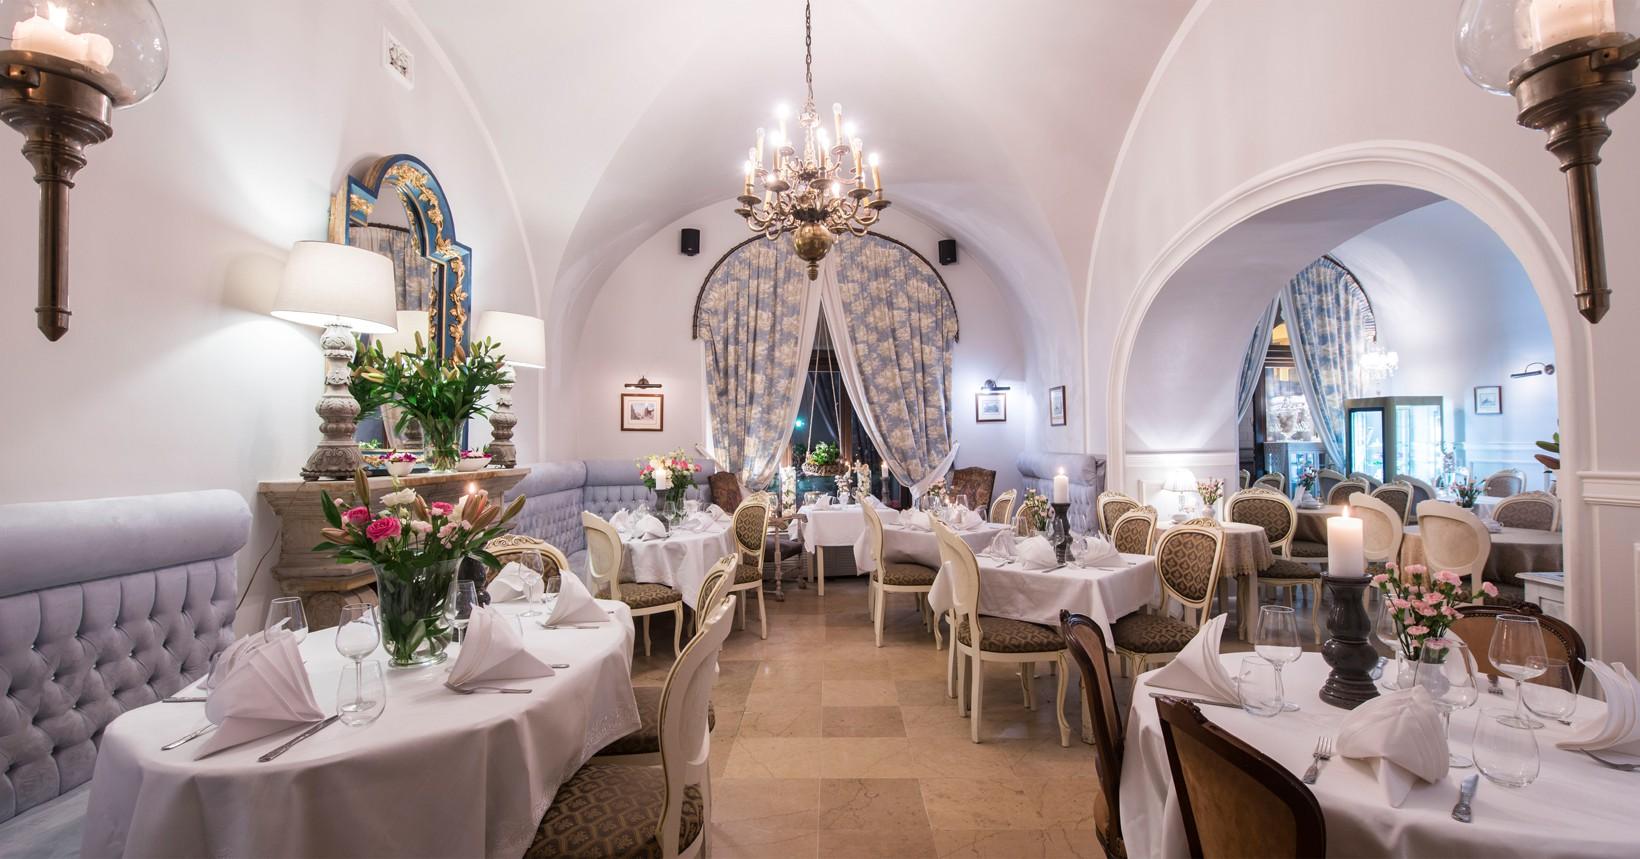 Literatka Restauracja W Warszawie